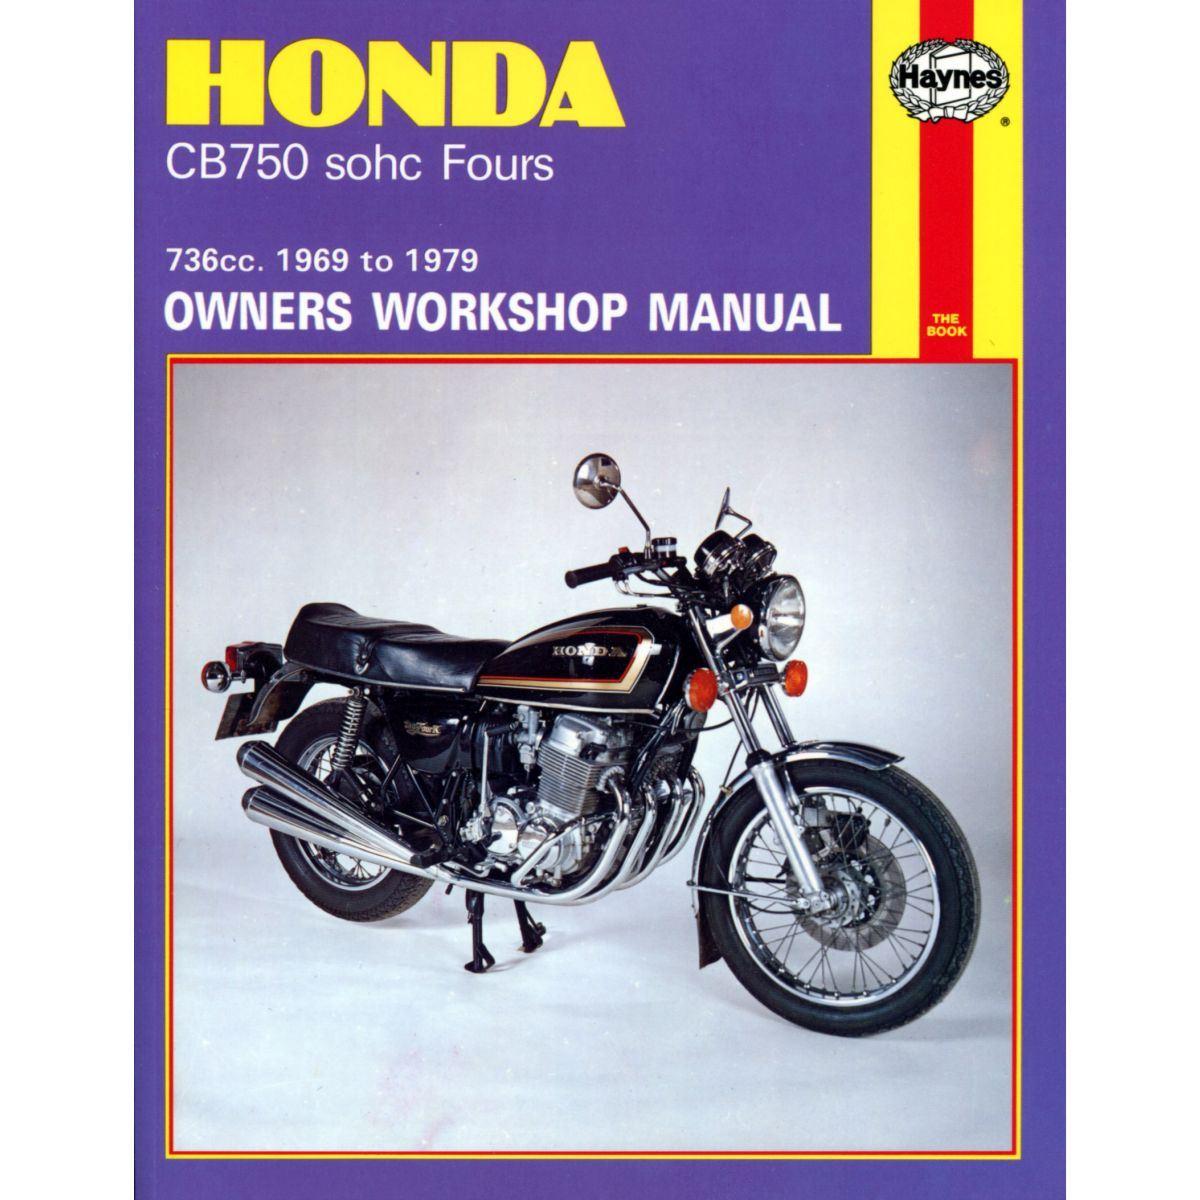 hight resolution of 1971 honda 750 wiring diagram wiring library cb750 wiring harness k0 sandcast 680 main honda cb750k cb 750 k0 k